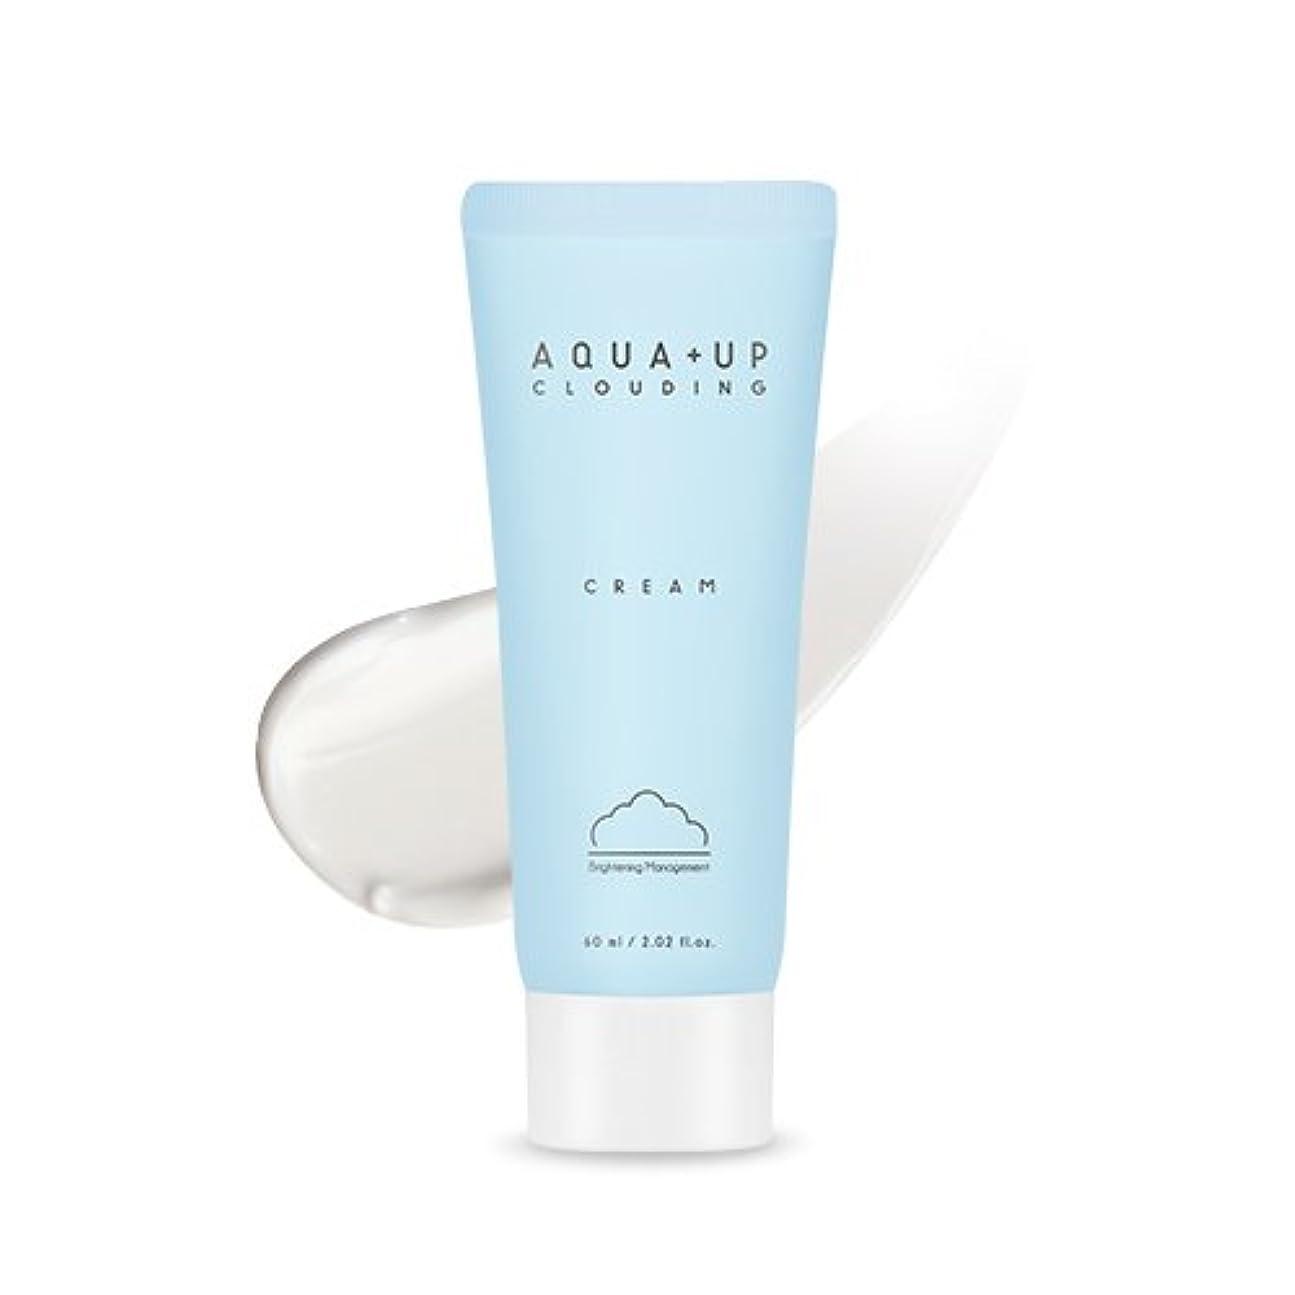 ボスホステスおじさんAPIEU (AQUA+UP) Clouding Cream/アピュアクアアップクラウドディングクリーム 60ml [並行輸入品]